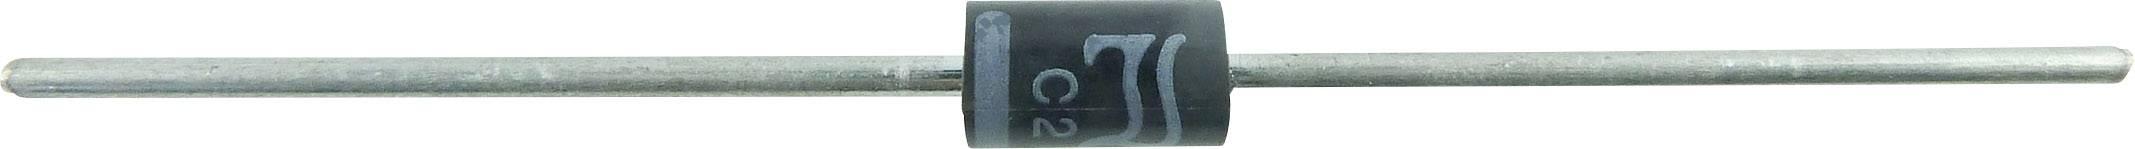 Kremíková usmerňovacia dióda Diotec 1N5406 1N5406 3 A, 600 V